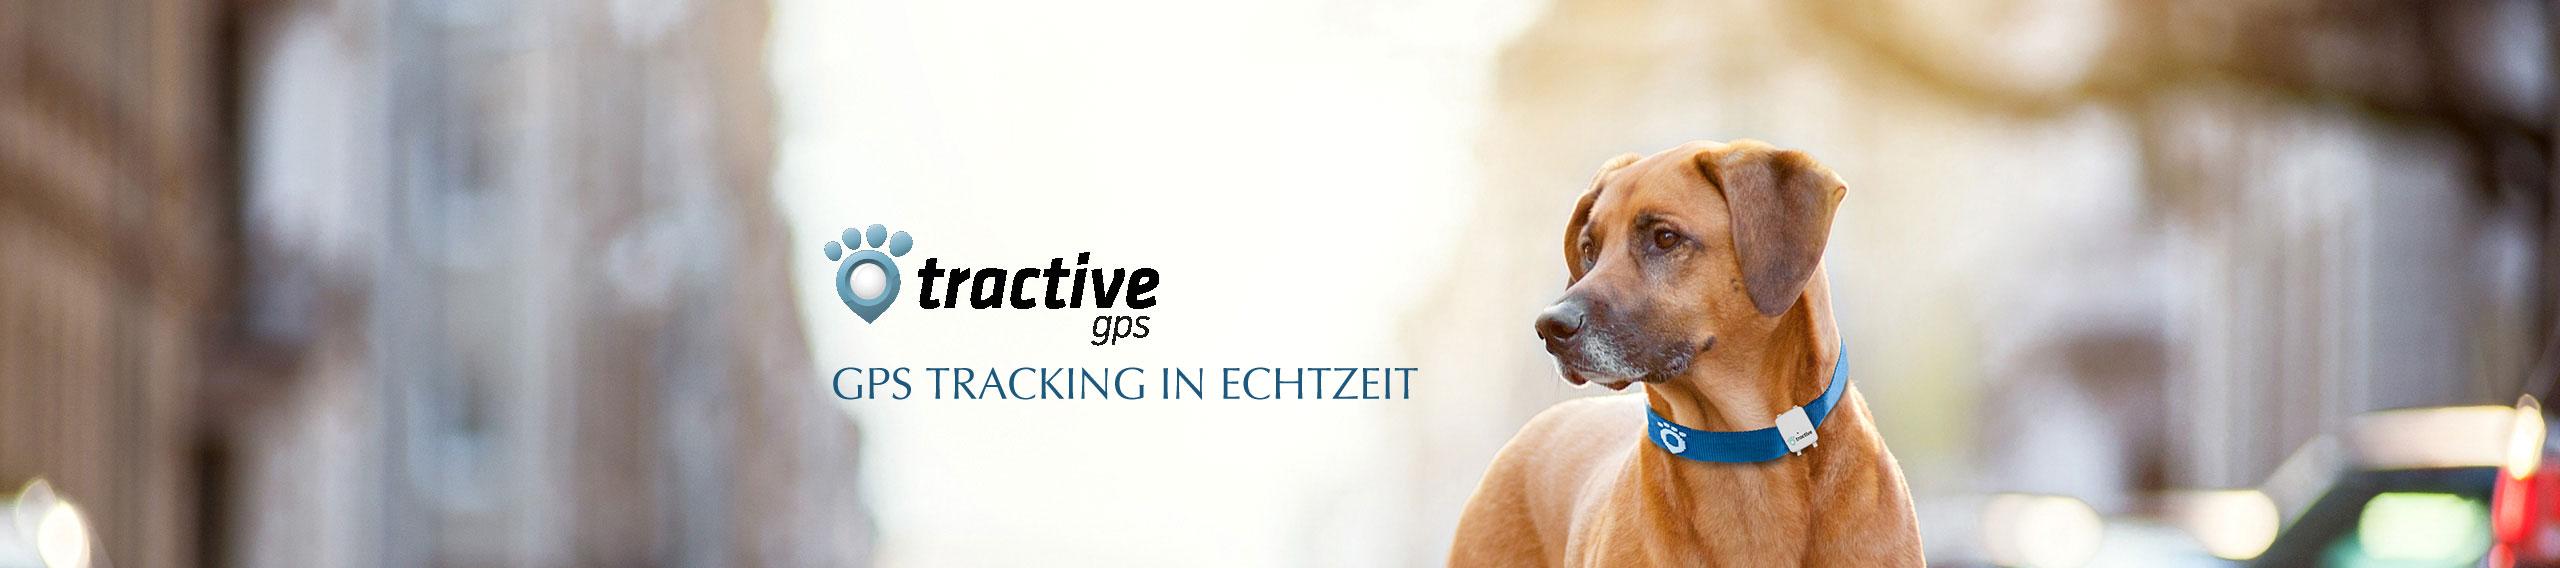 Tractive Online Shop GPS und Activity Monitor, Bild 1